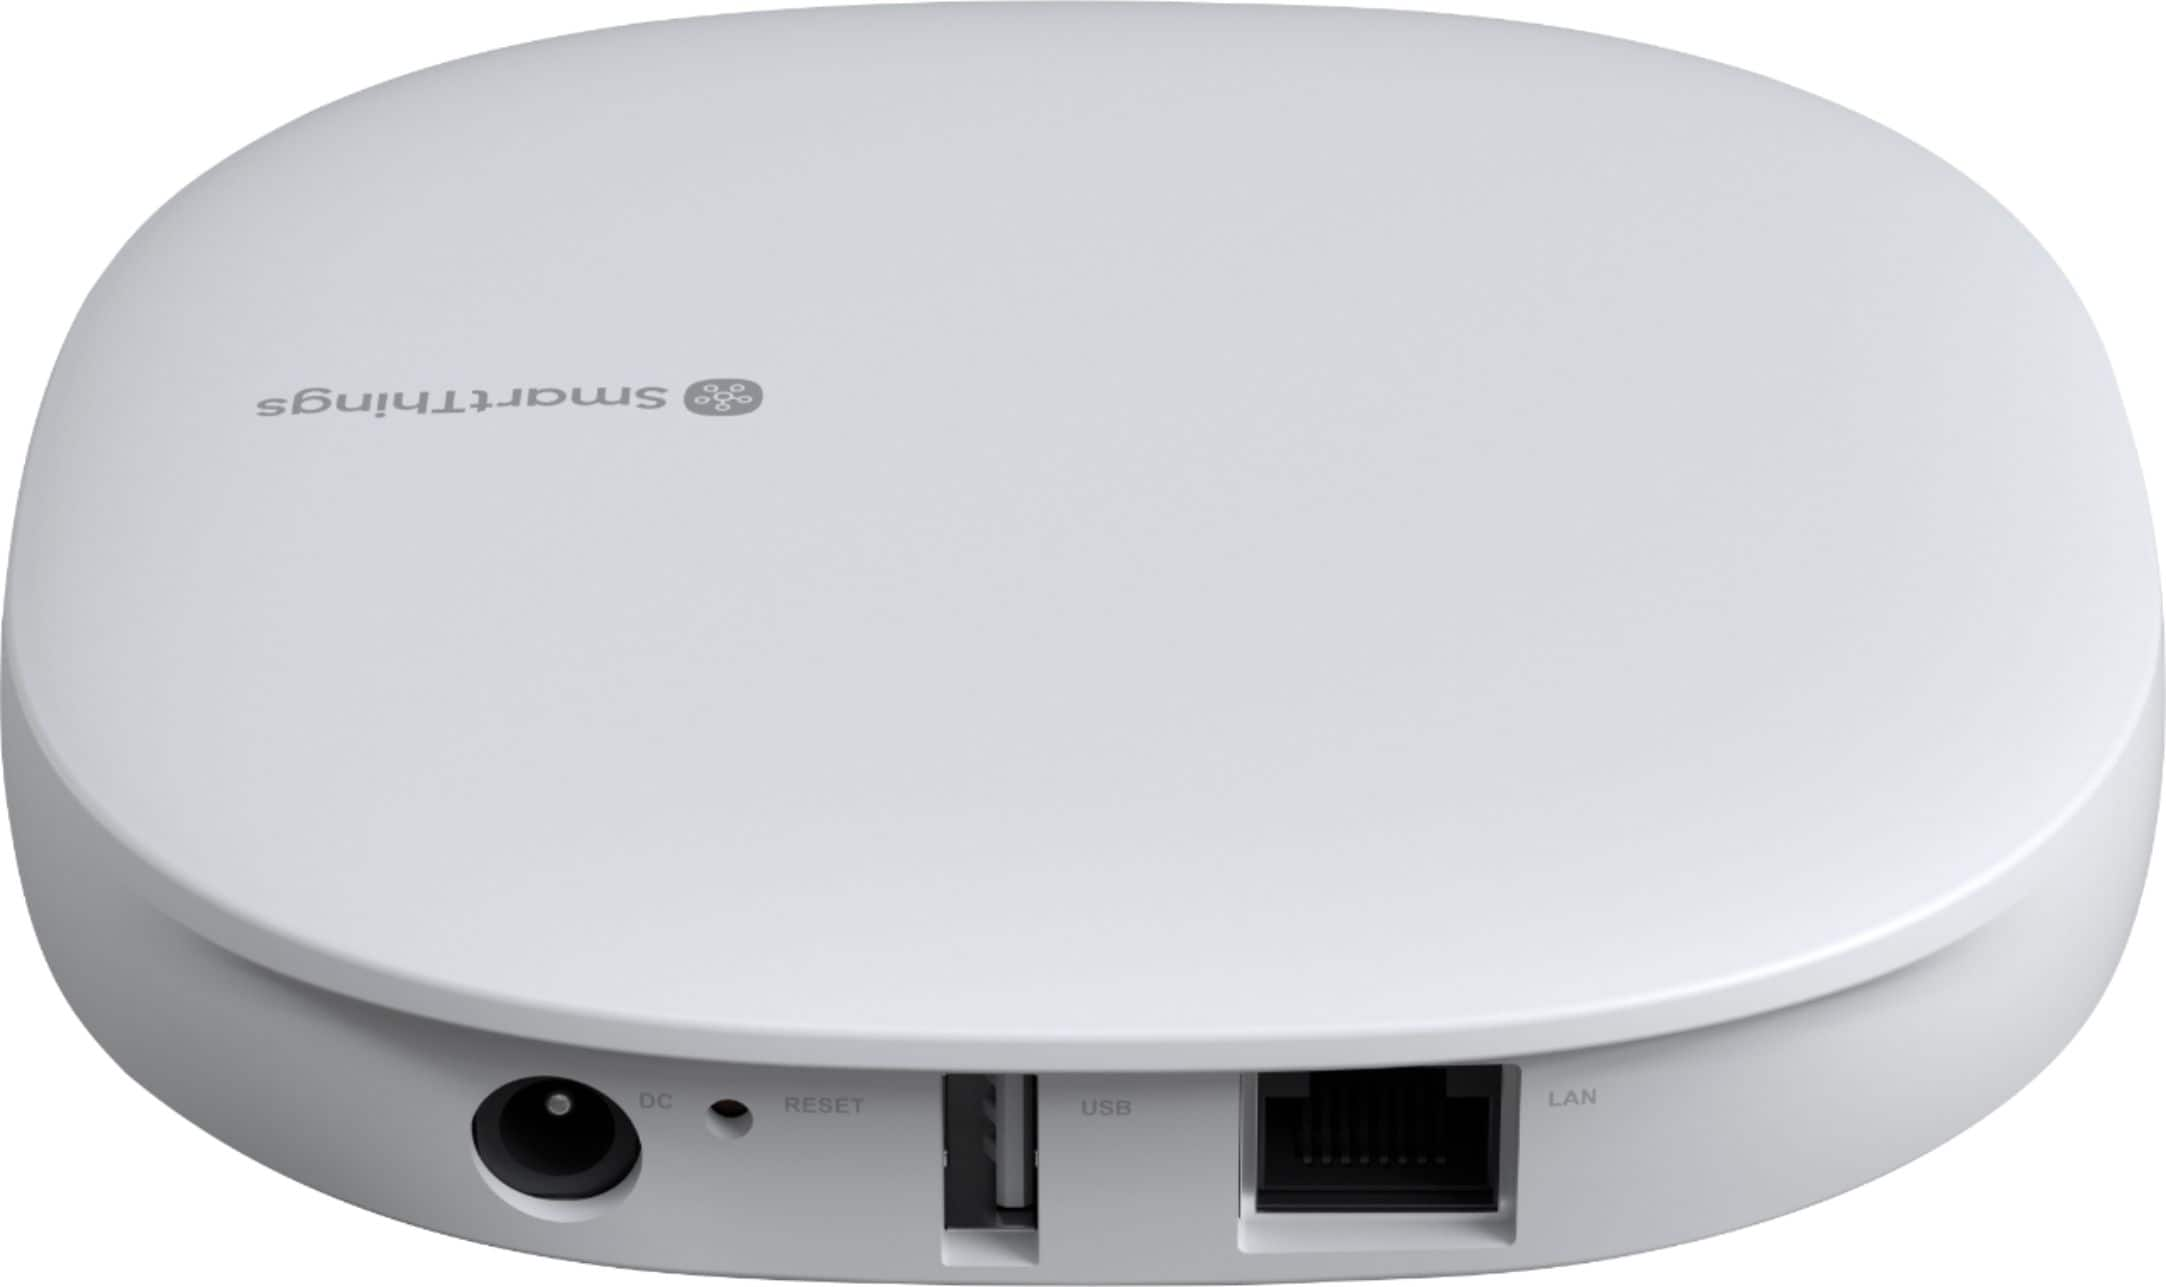 Samsung - SmartThings Hub - White - 3rd Gen $59.99